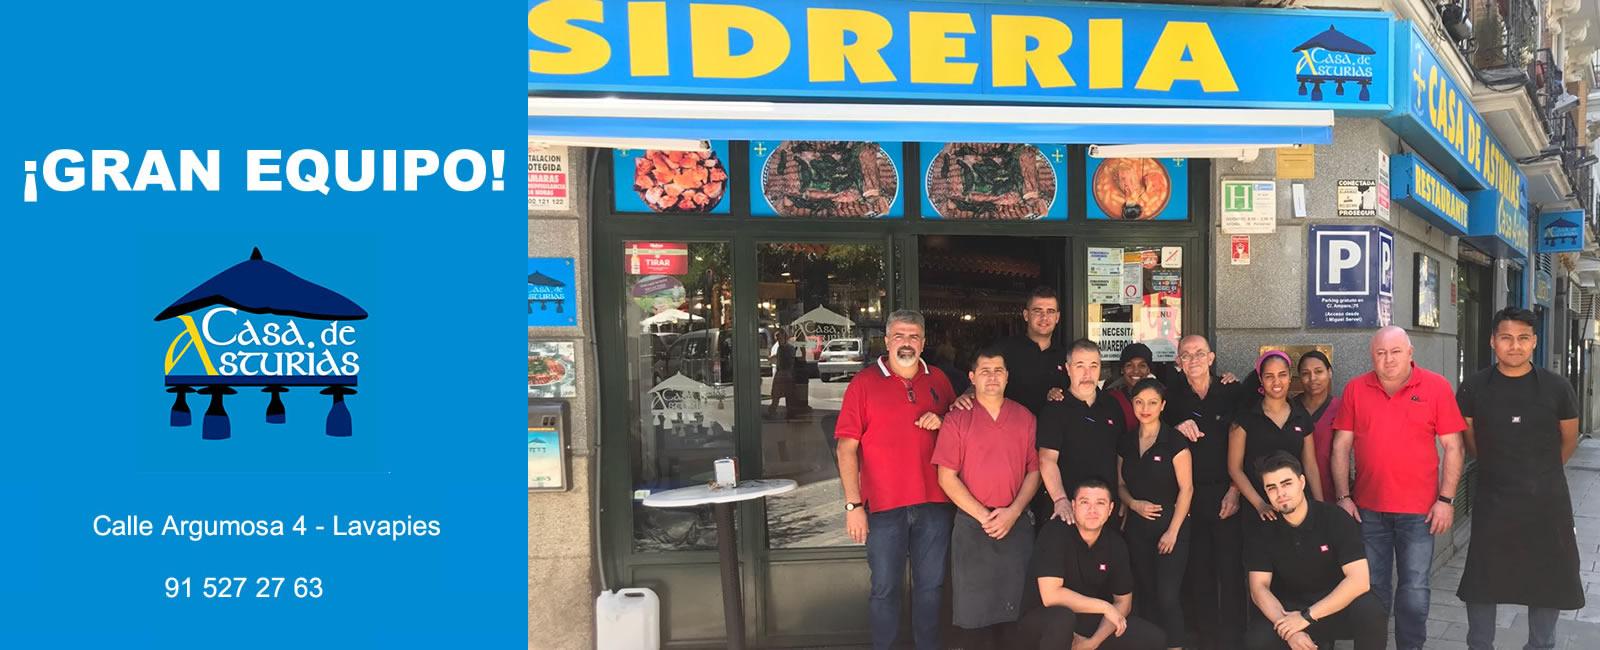 Los grandes amigos de la sidrería Asturias en el centro de Madrid